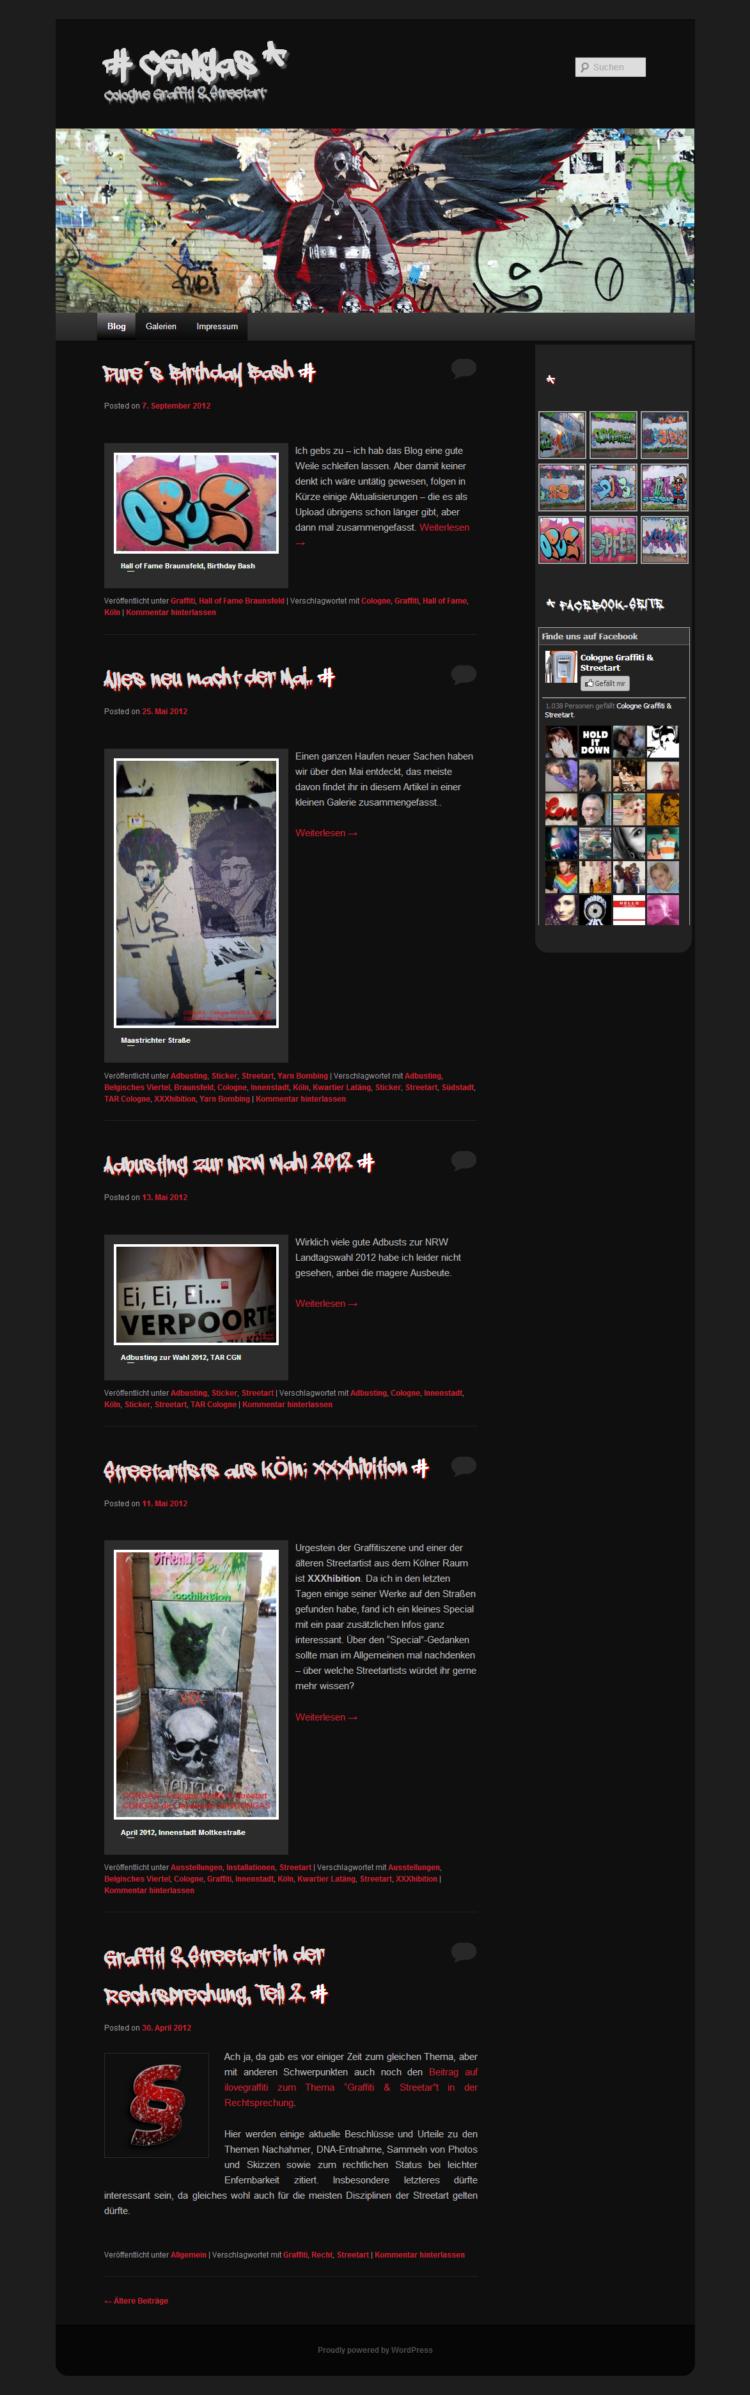 CGNGAS - Startseite